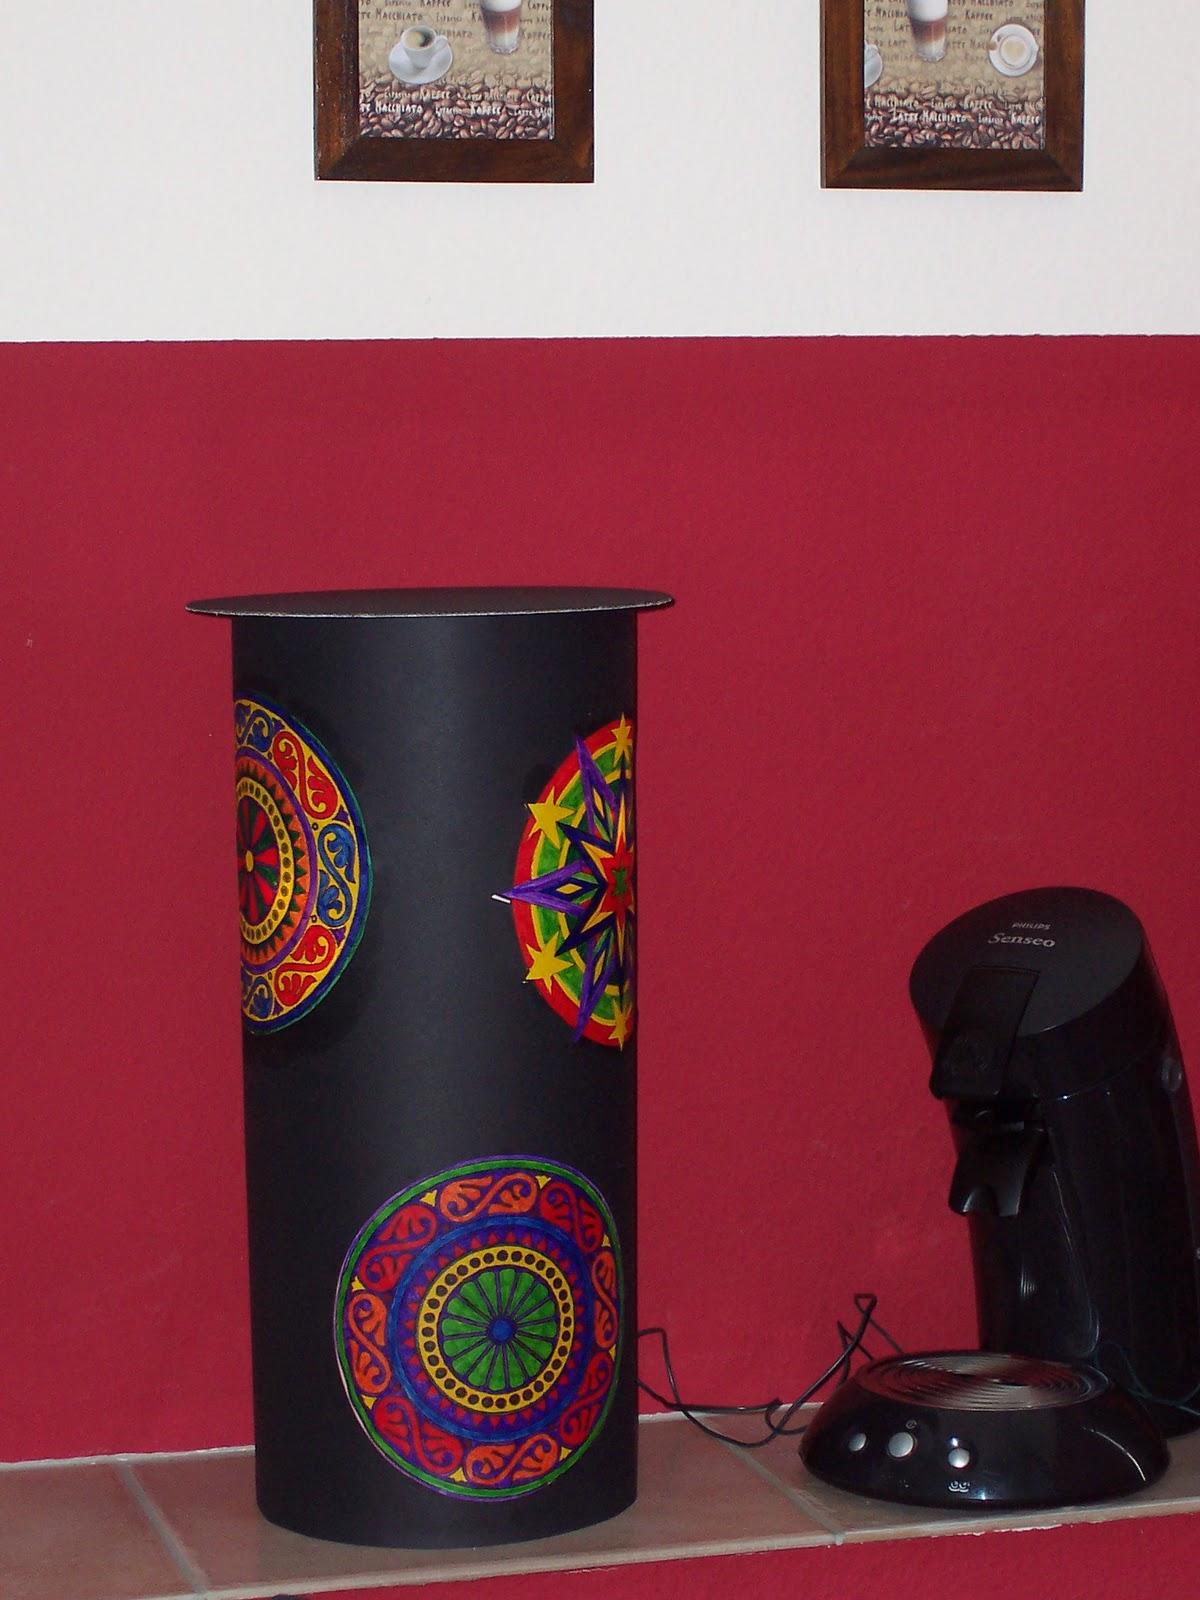 weihnachts elfchen ein annamama projekt eine laterne. Black Bedroom Furniture Sets. Home Design Ideas